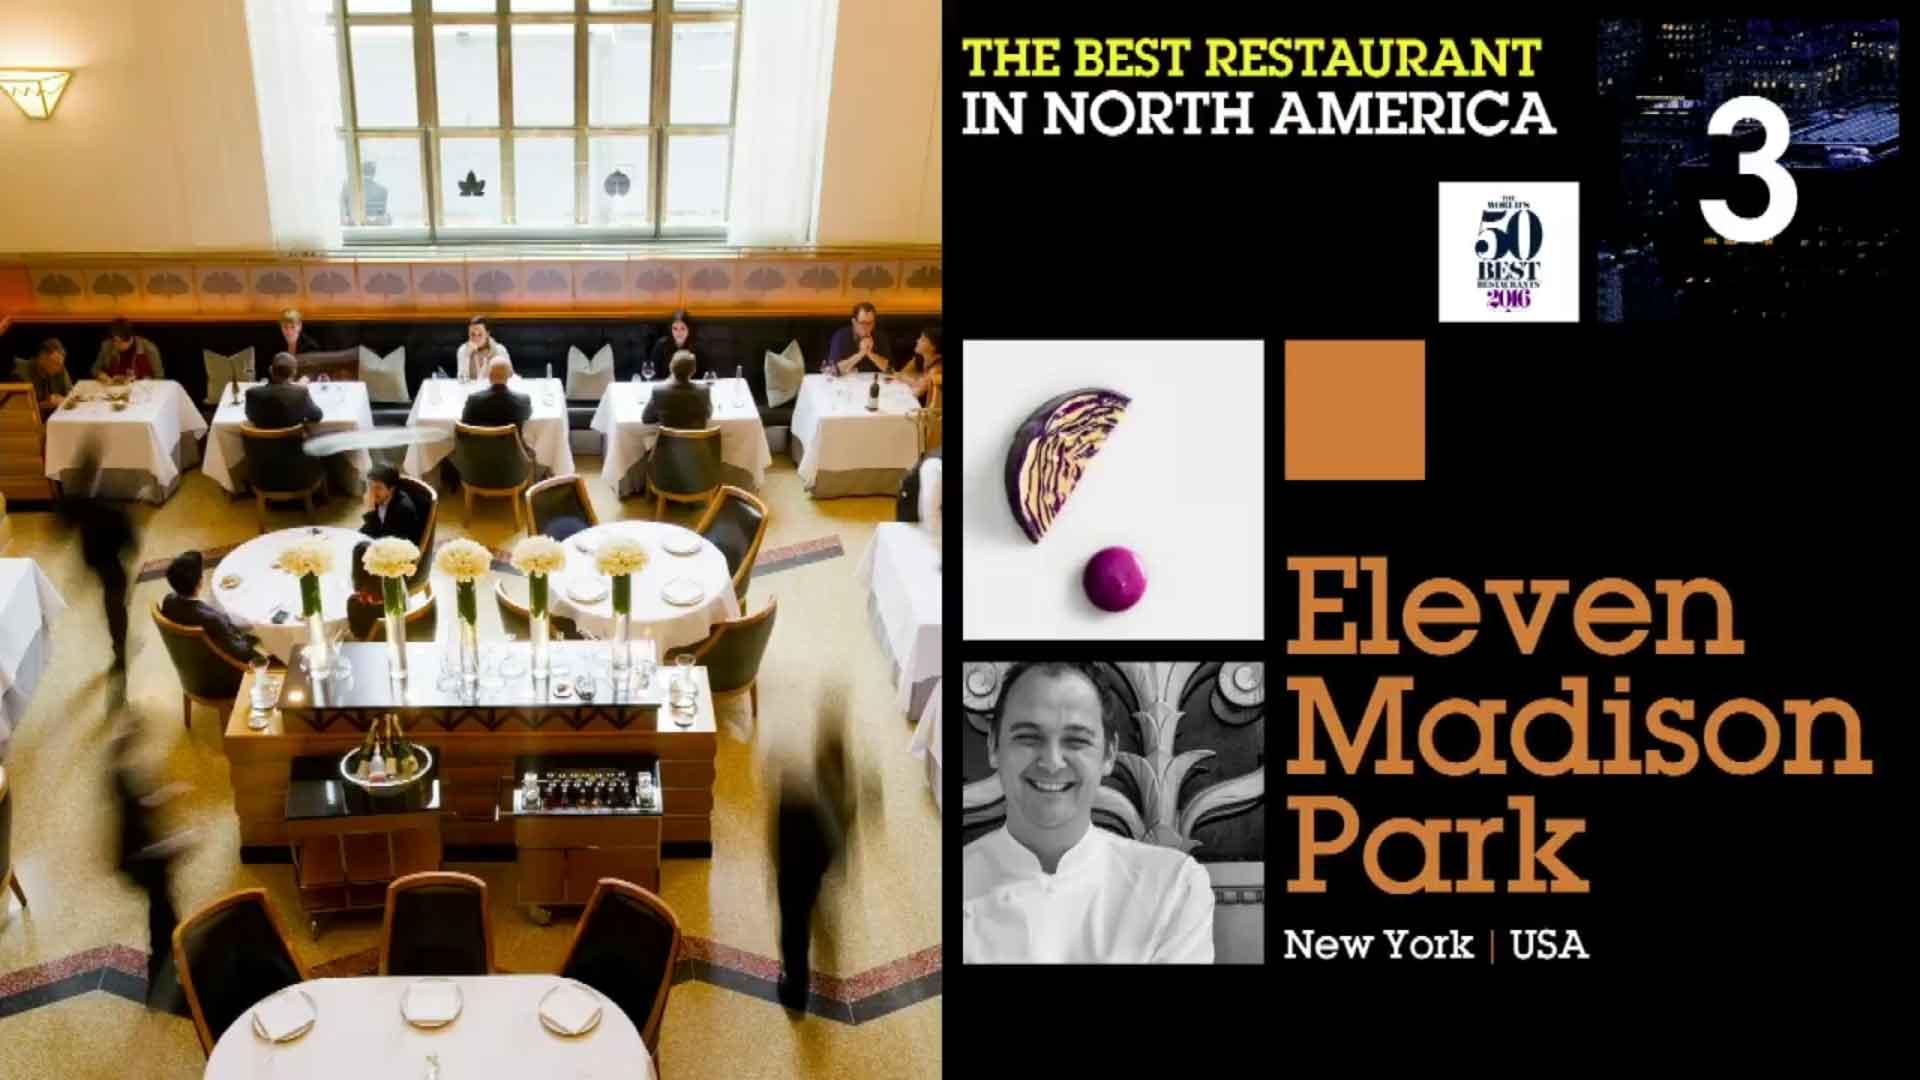 50 Best Restaurants 2016 classifica 3